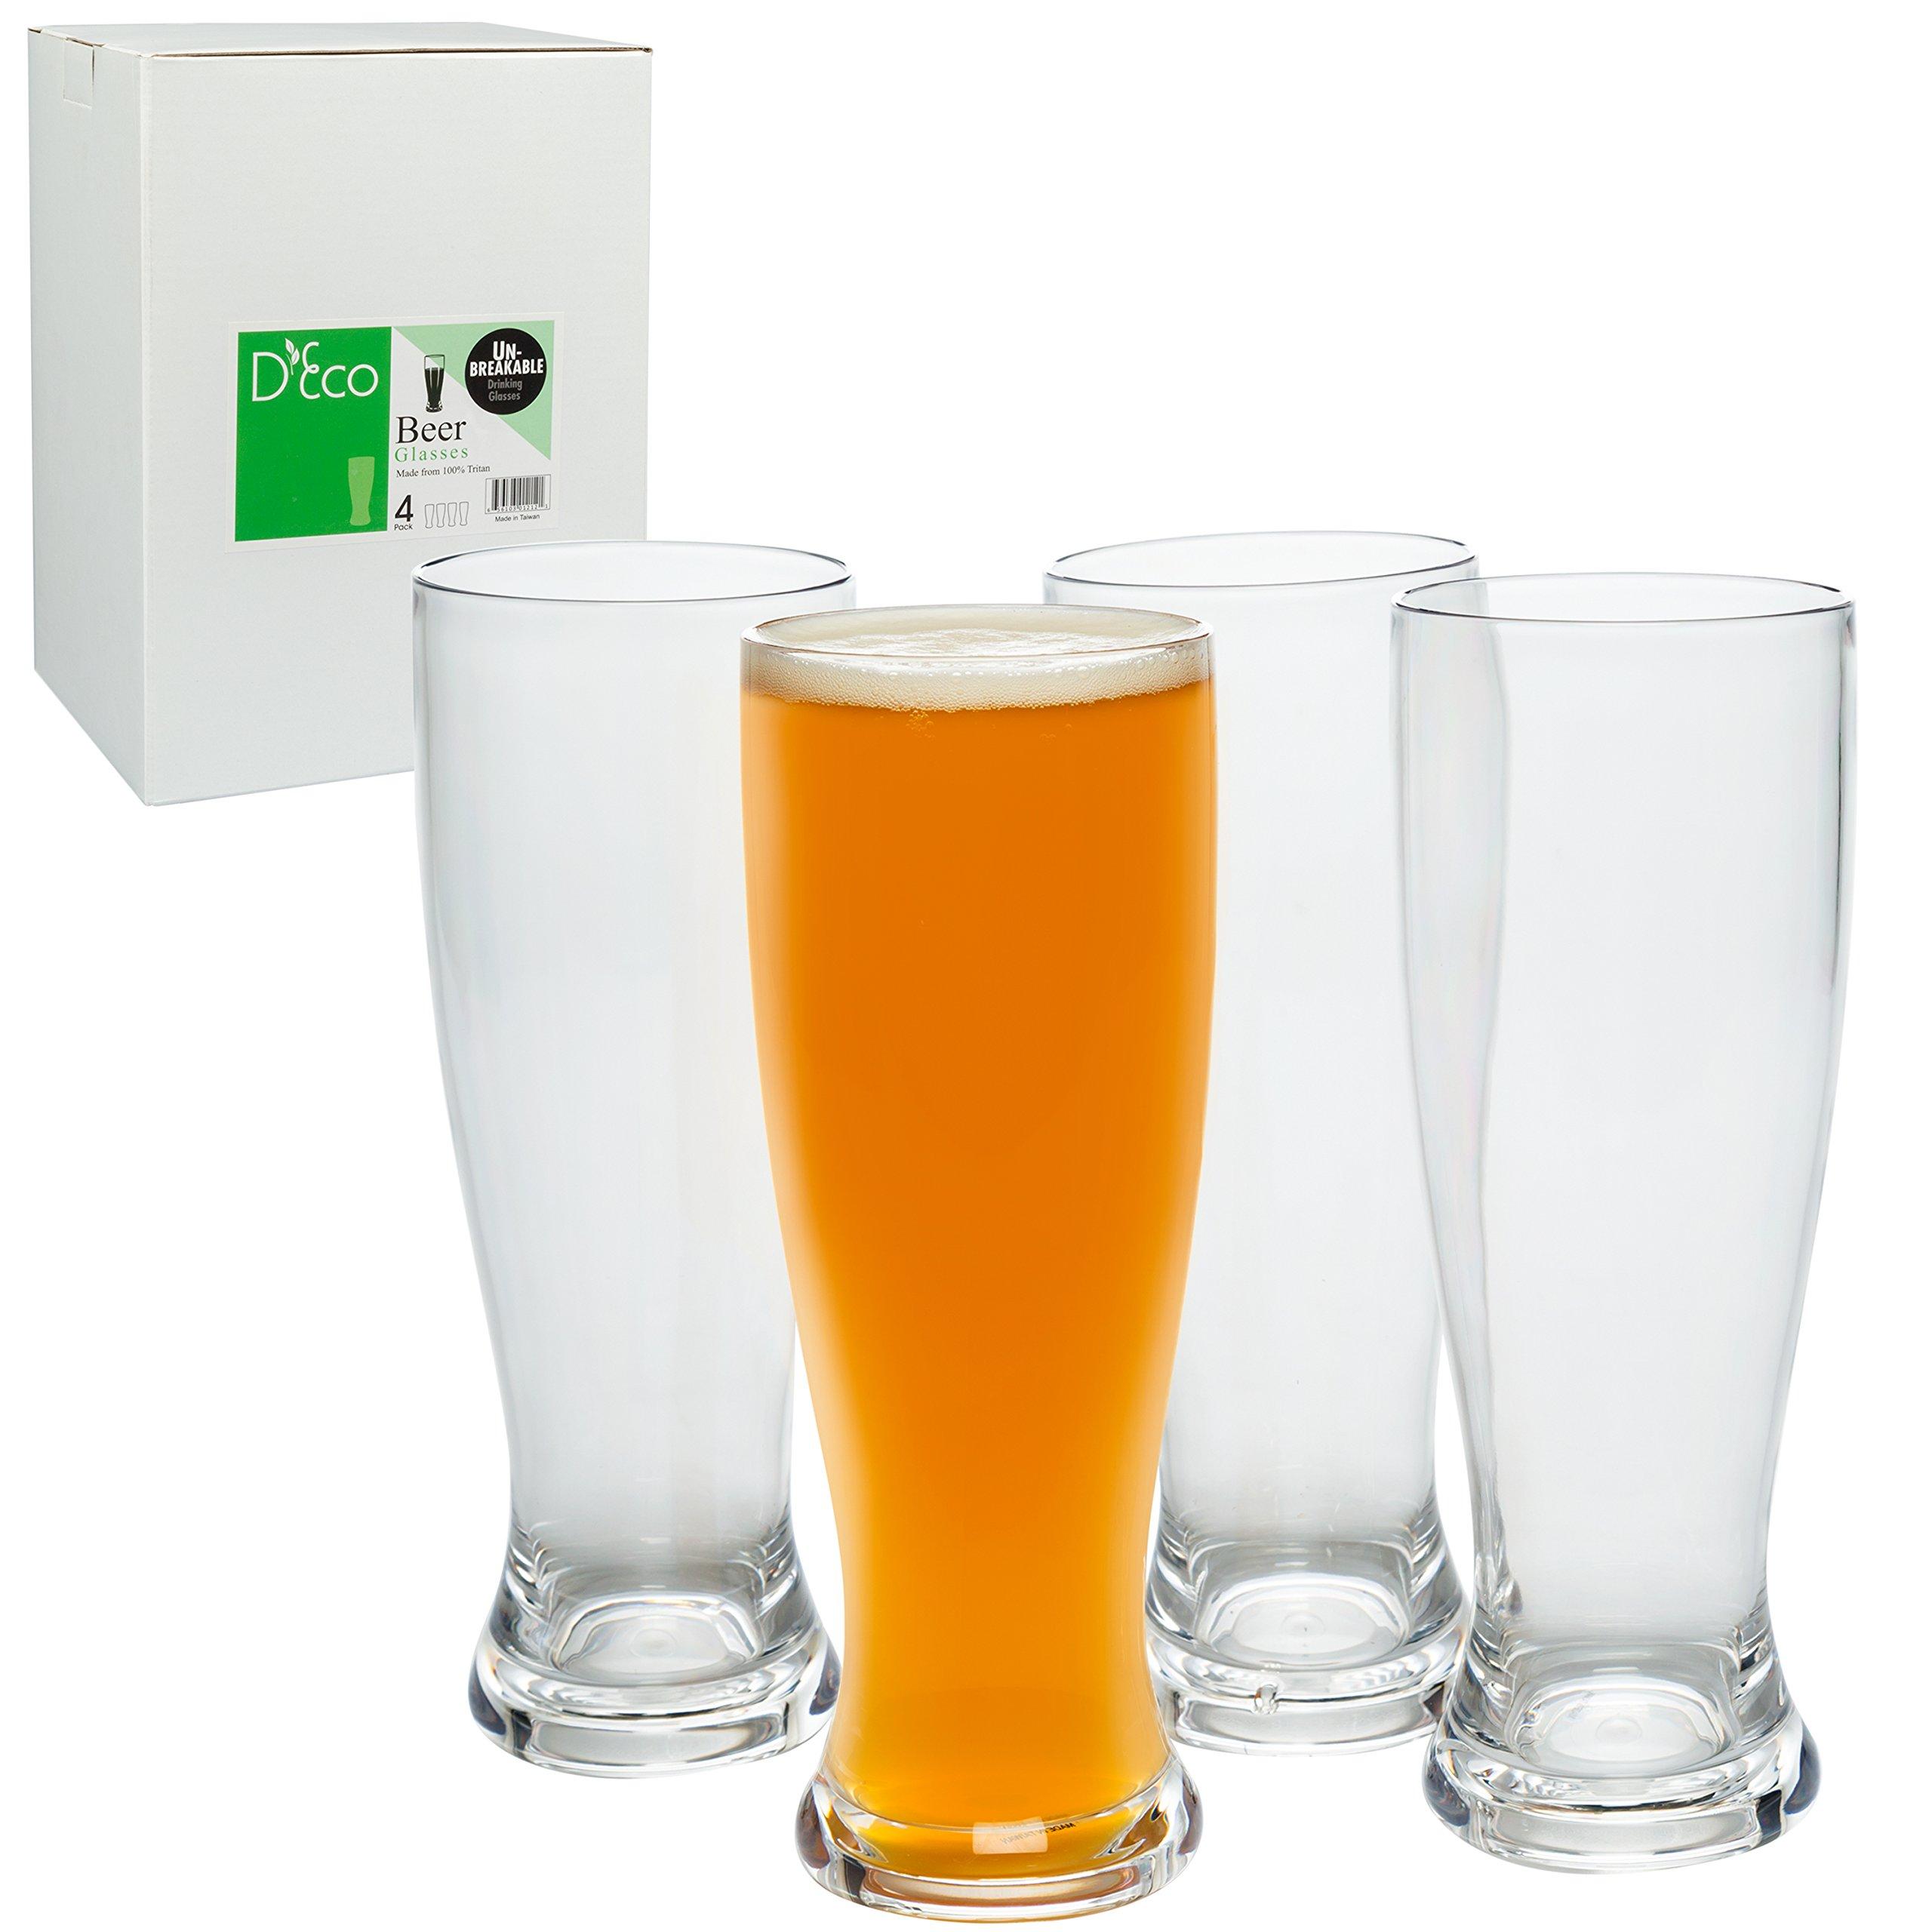 Unbreakable Beer Glasses 24oz - 100% Tritan - Set of 4 - Shatterproof, Reusable, Dishwasher Safe by Deco (Image #1)